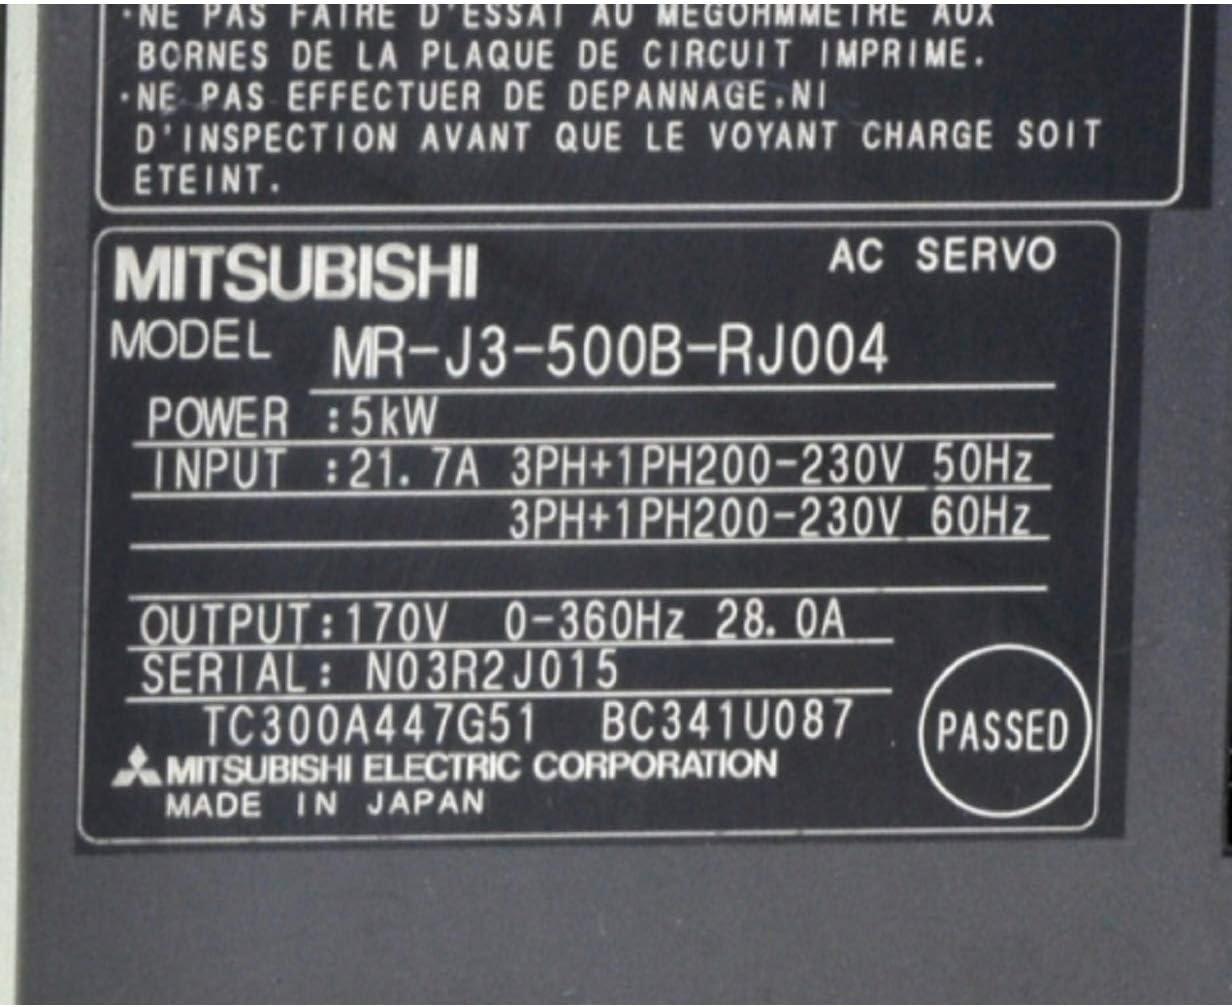 (修理交換用 )適用する MR-J3-500B-RJ004 サーボドライバサーボアンプ MR-Jシリーズ MRJ3500BRJ004